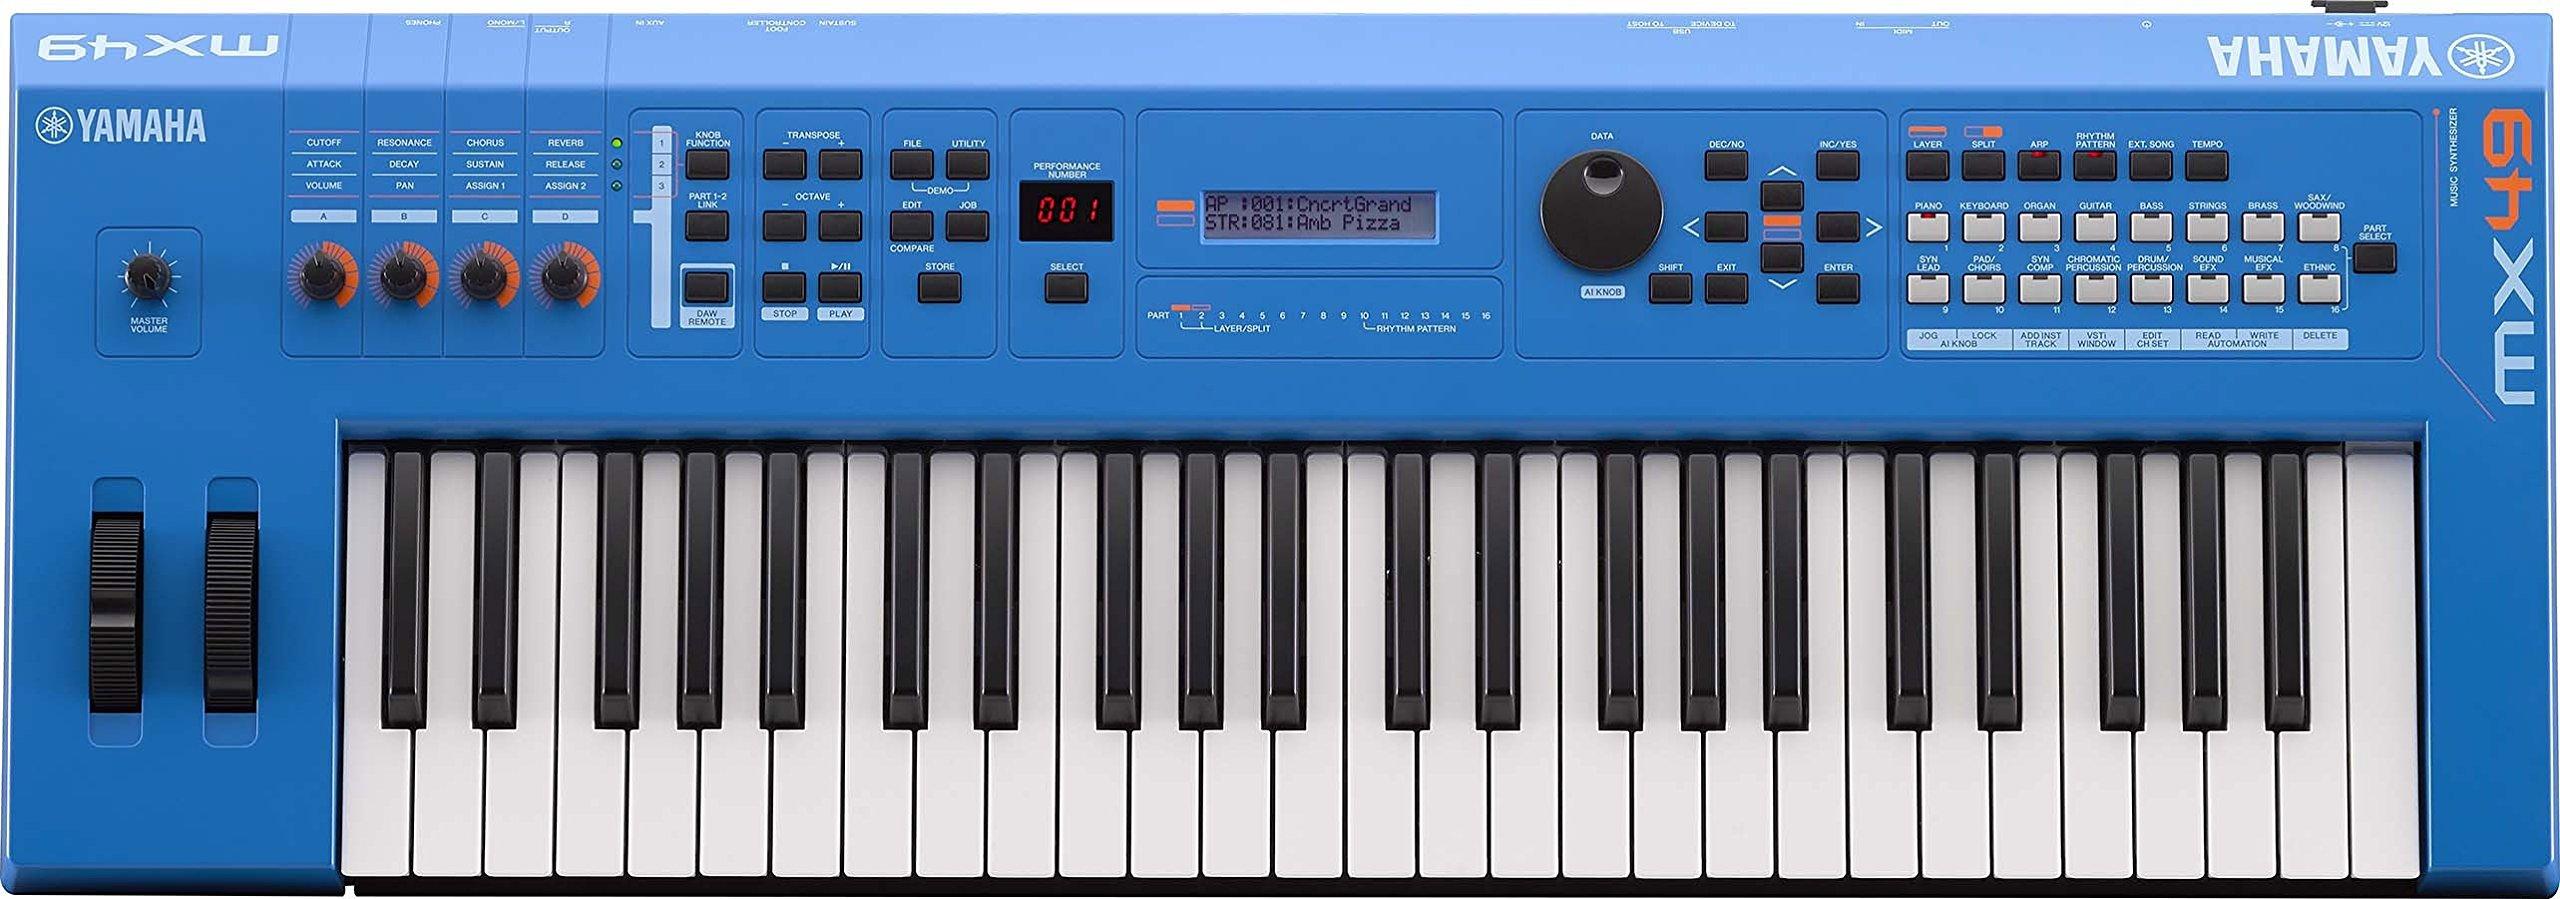 Yamaha MX49 Music Production Synthesizer, Blue